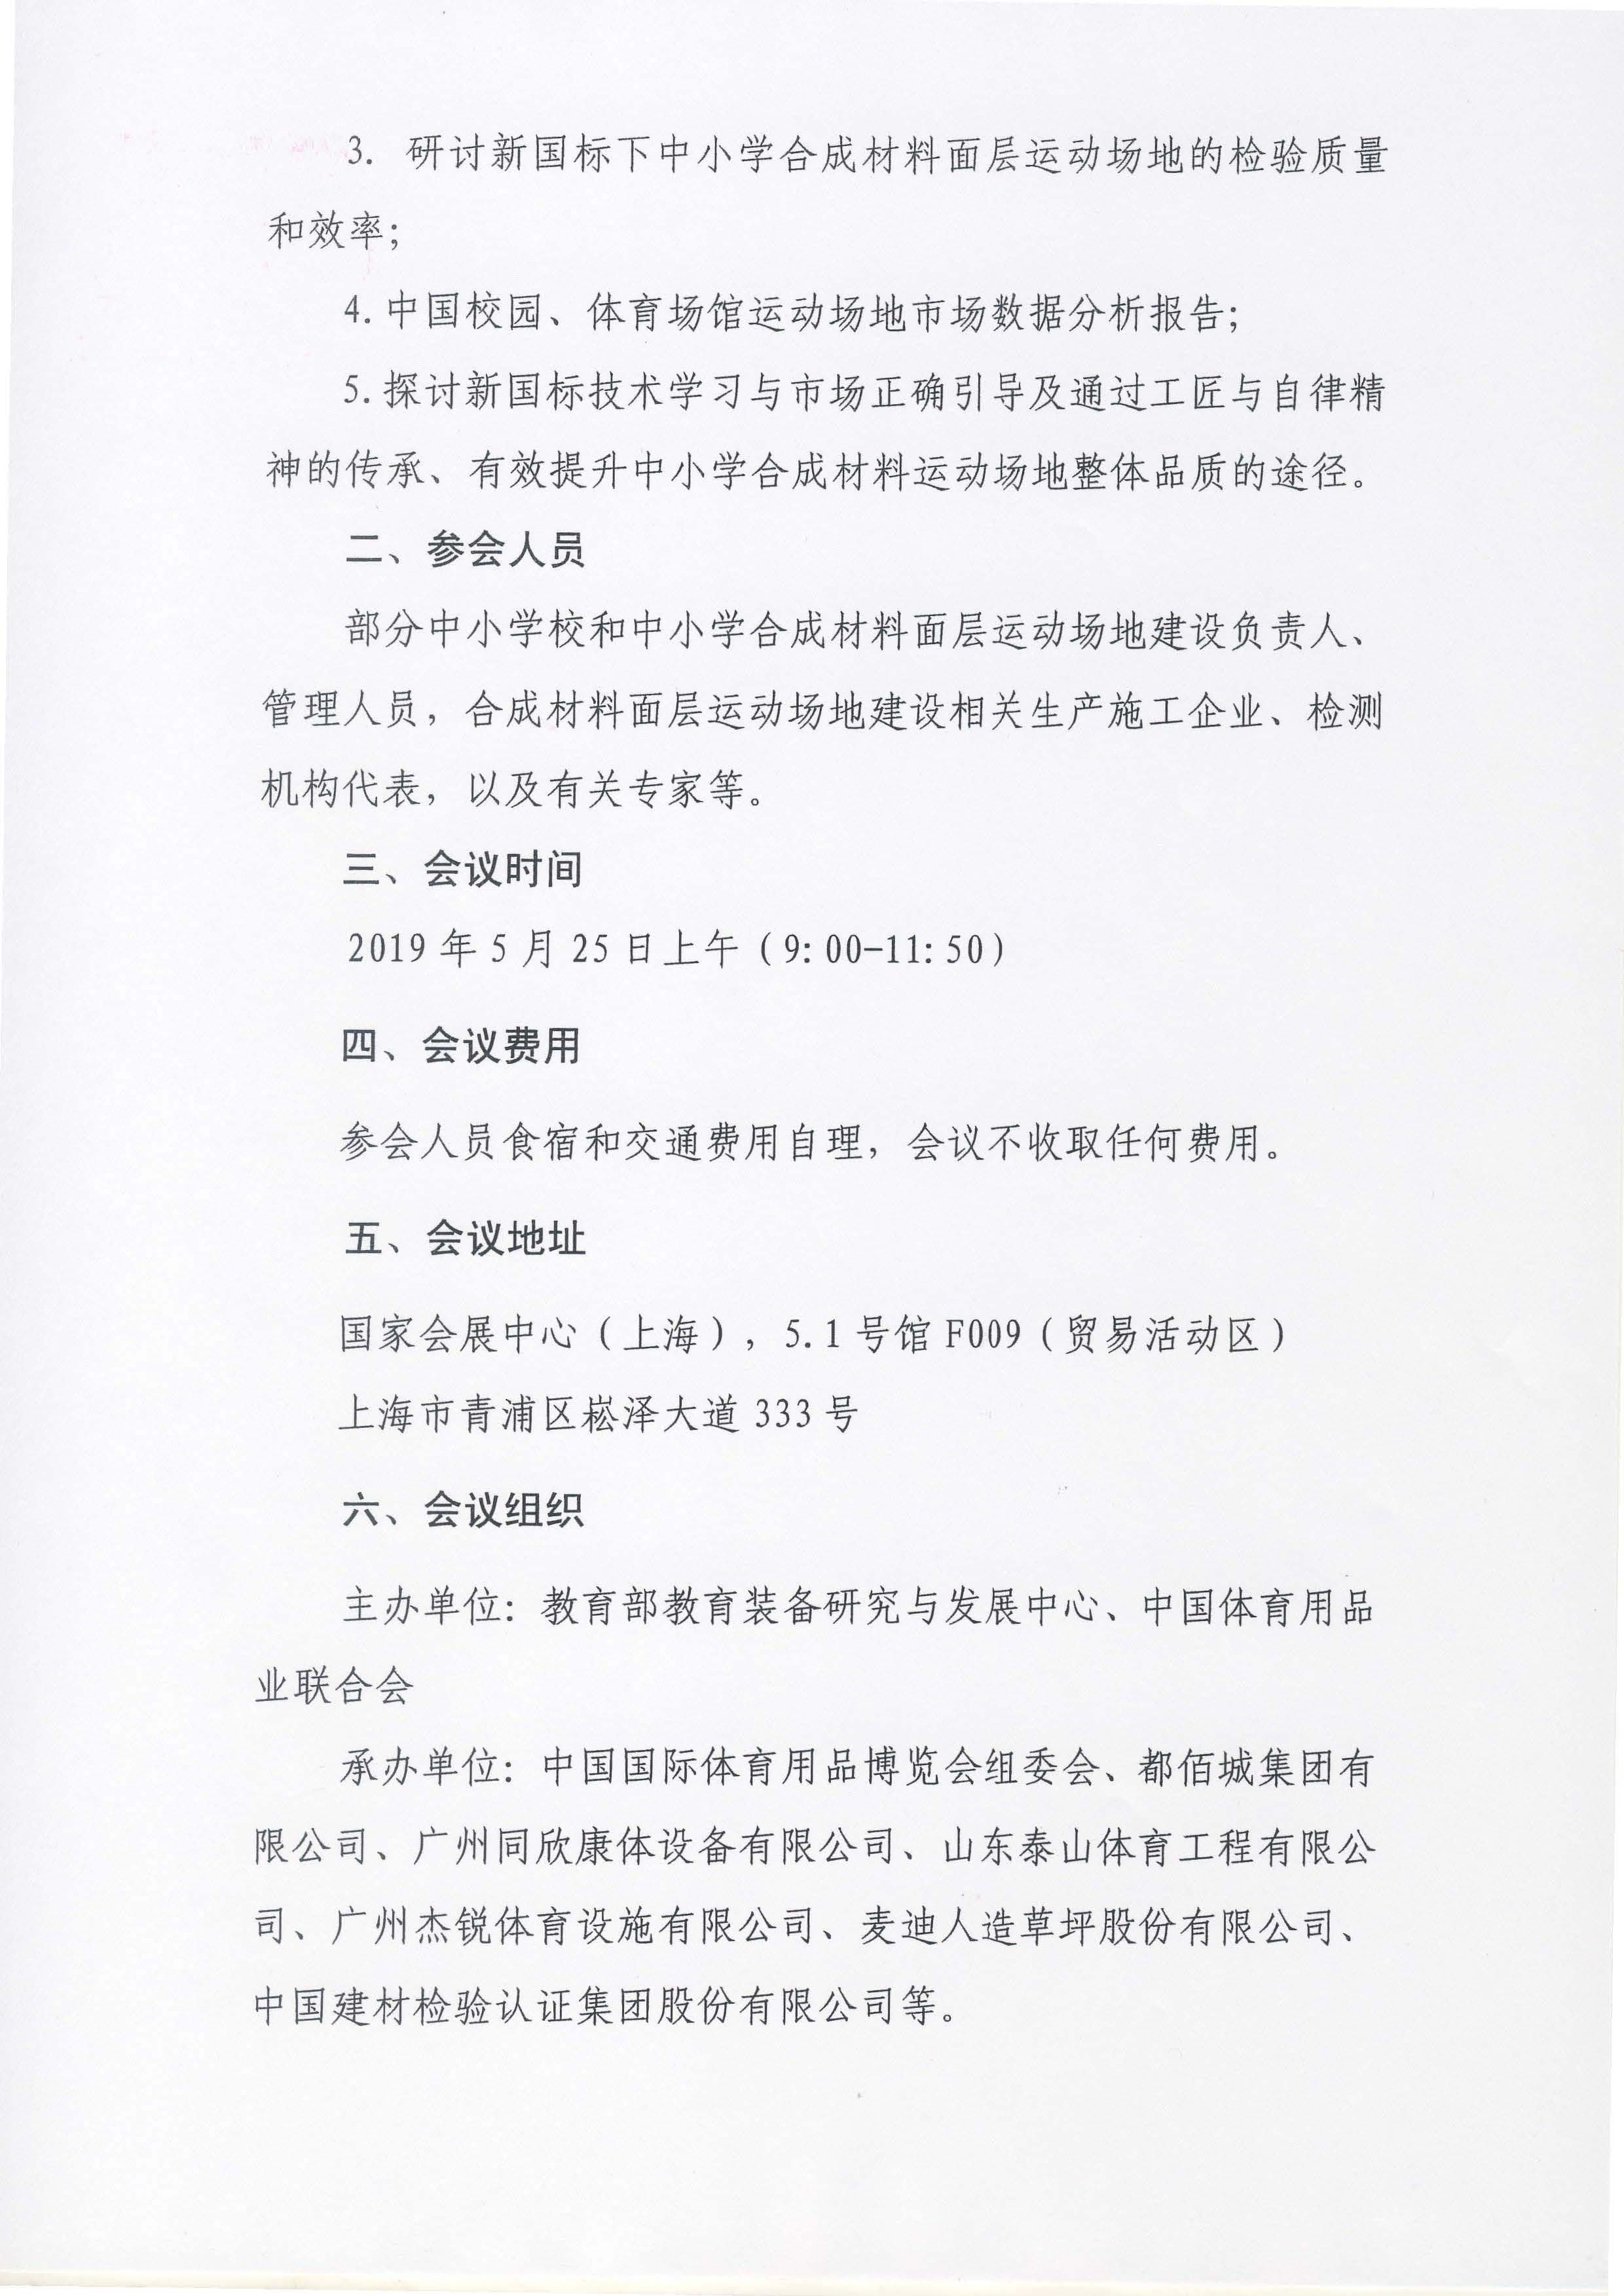 教育部裝備中心會議通知:25號上海_頁面_2